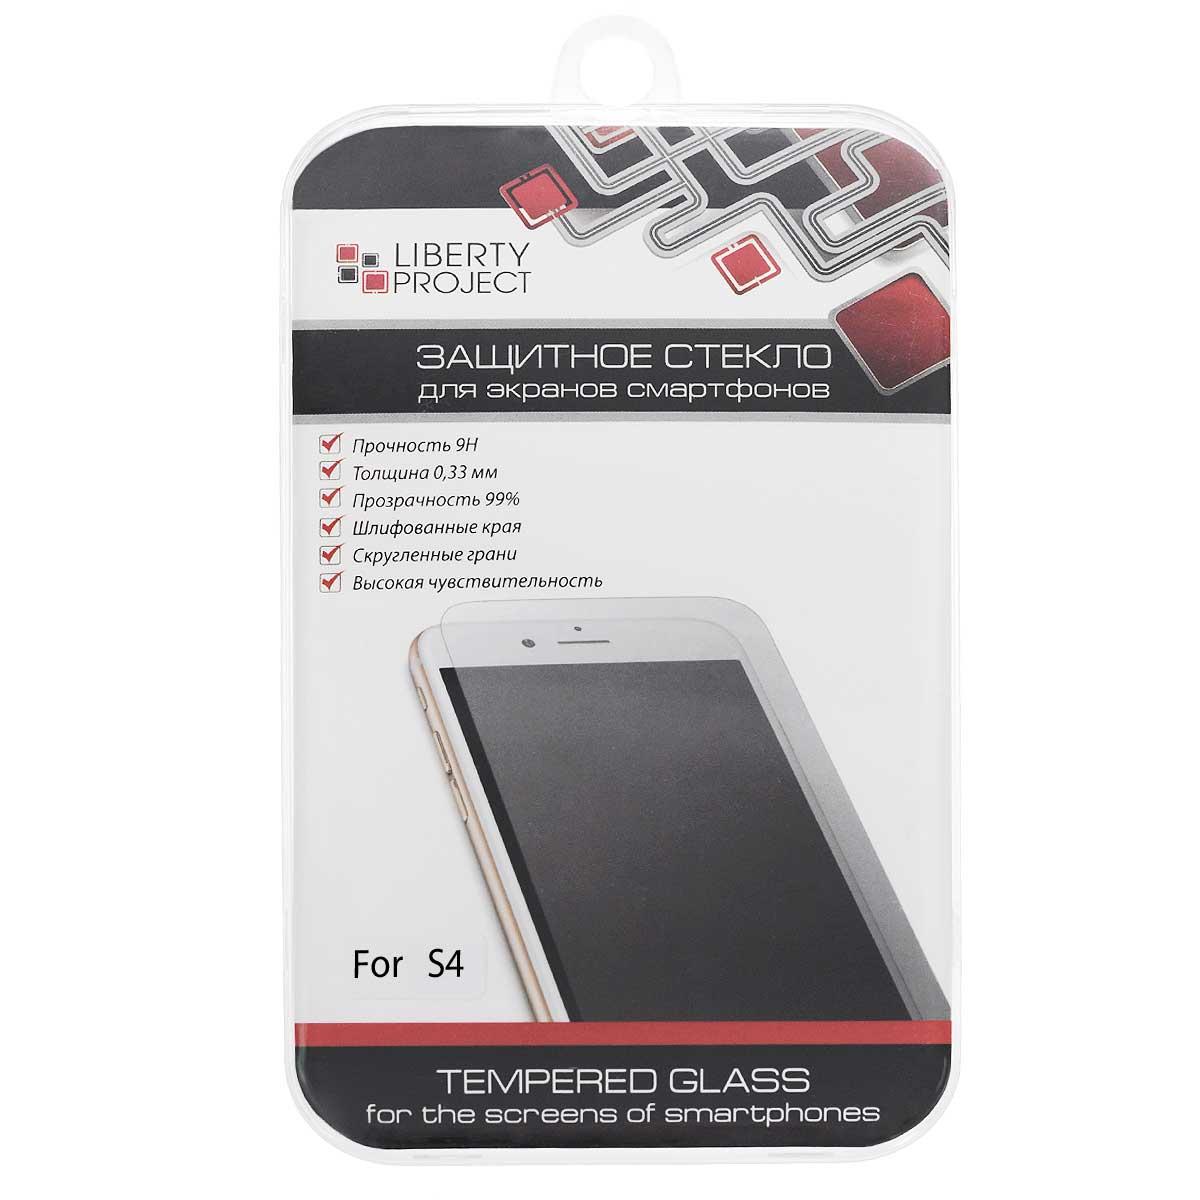 Liberty Project Tempered Glass защитное стекло для Samsung Galaxy S4, Clear (0,33 мм)0L-00000516Защитное стекло Liberty Project Tempered Glass предназначено для защиты поверхности экрана, от царапин, потертостей, отпечатков пальцев и прочих следов механического воздействия. Гарантирует высокую чувствительность при работе с устройством. Данная модель также обладает антибликовым и водоотталкивающим эффектом.